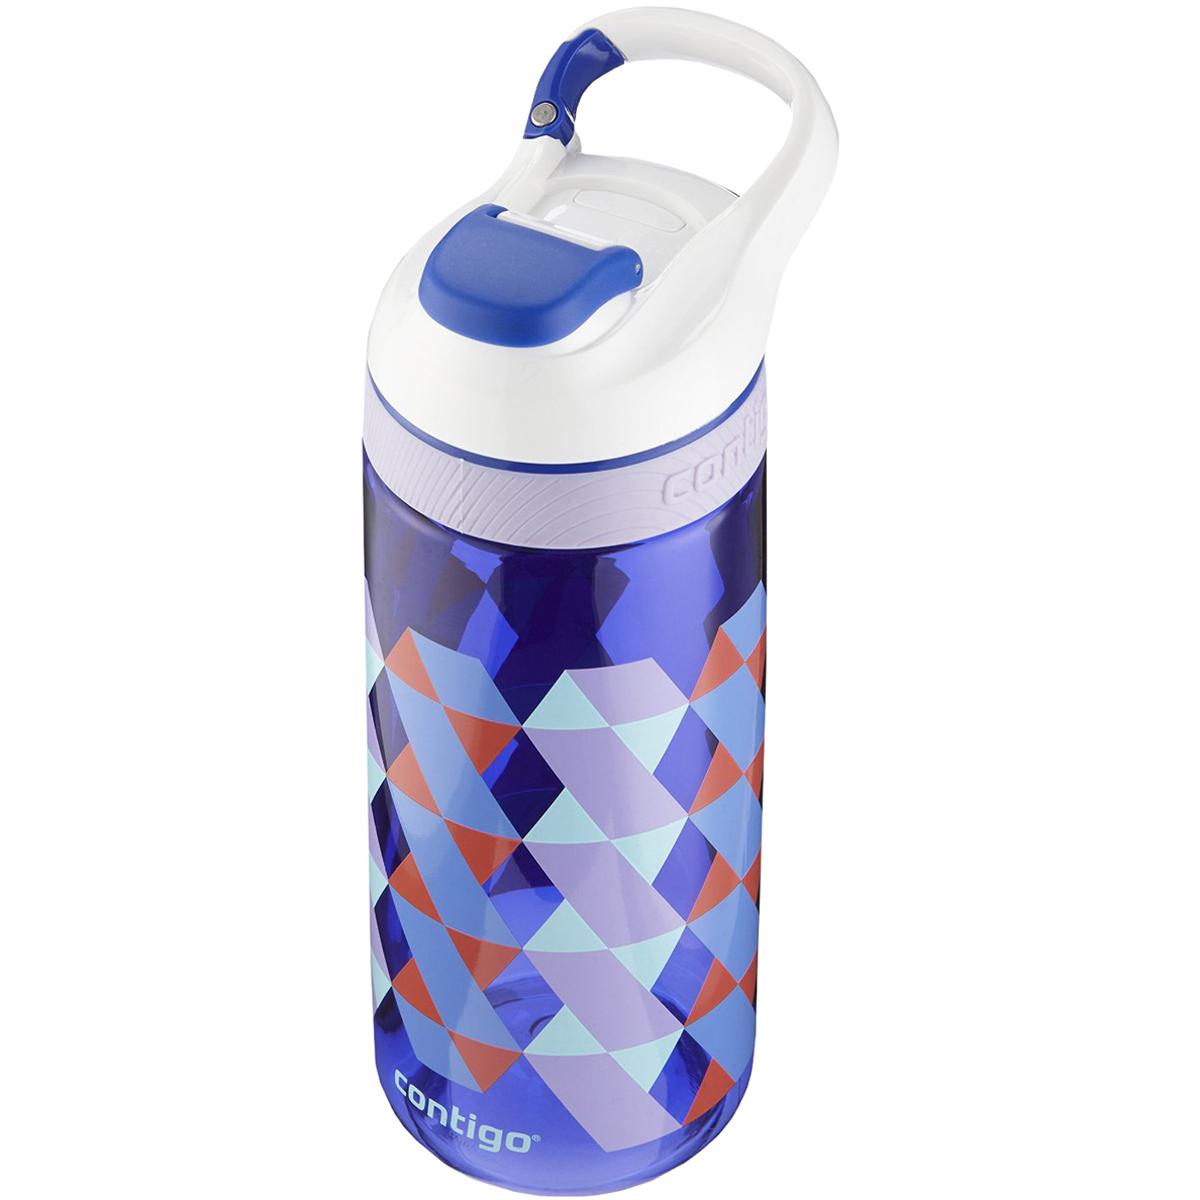 Contigo-20-oz-Kid-039-s-Courtney-AutoSeal-Water-Bottle thumbnail 5